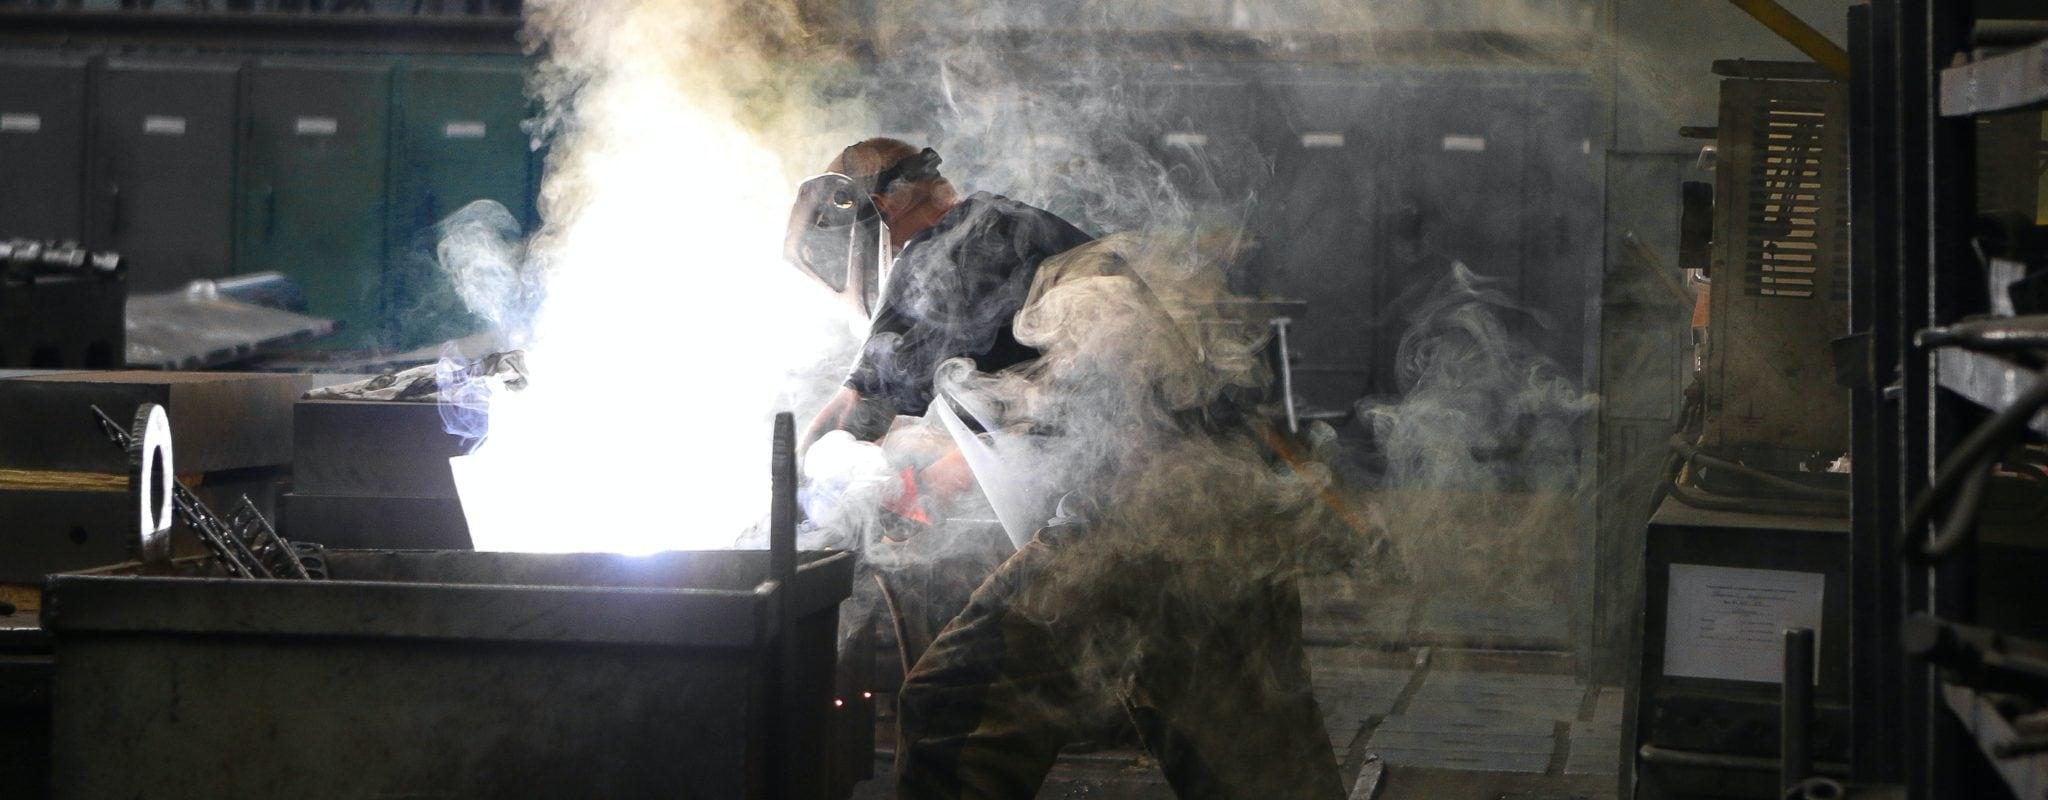 «Les mesures sanitaires à l'usine, c'est du cinéma»: des métallurgistes témoignent